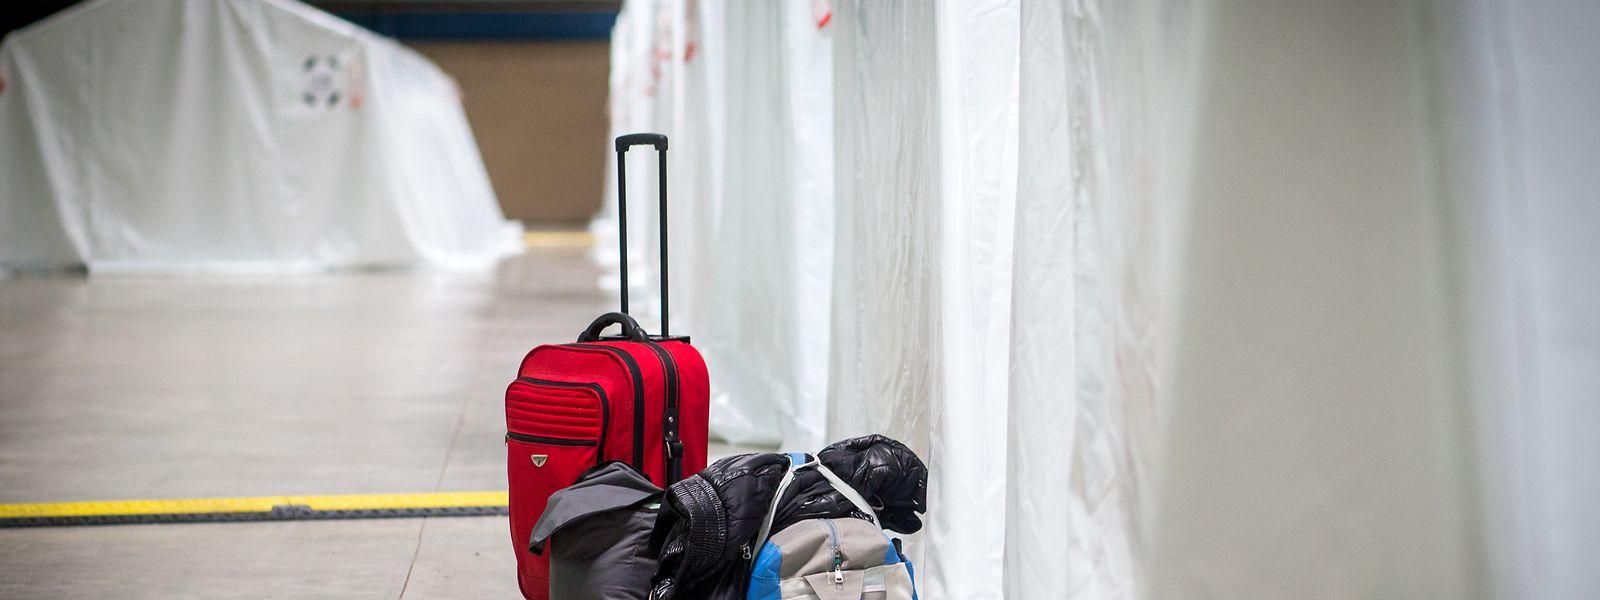 Die Zahl der Asylbewerber reißt nicht ab. 2018 zählte die Immigrationsbehörde 2.205 Anträge.